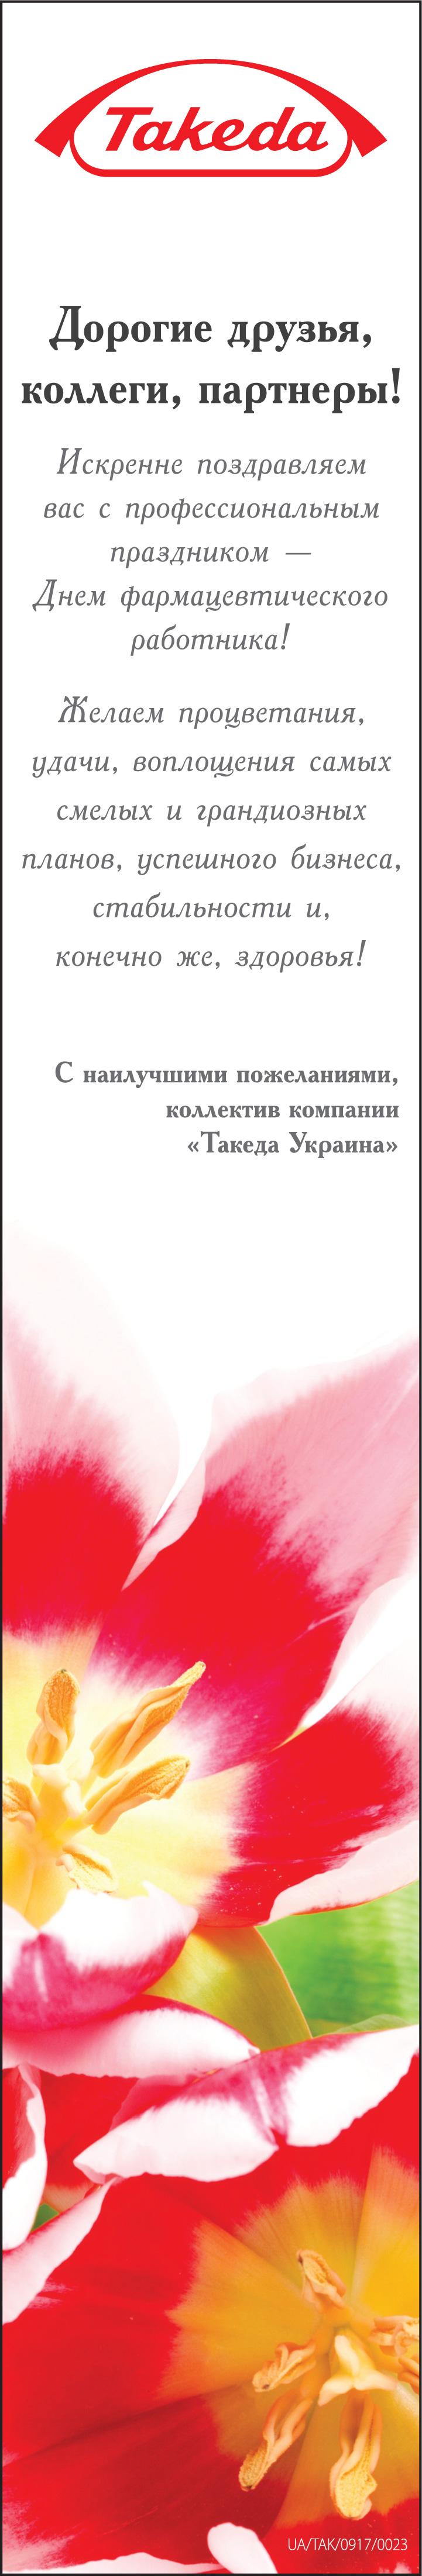 """С наилучшими пожеланиями, колектив компании """"Такеда Украина"""""""